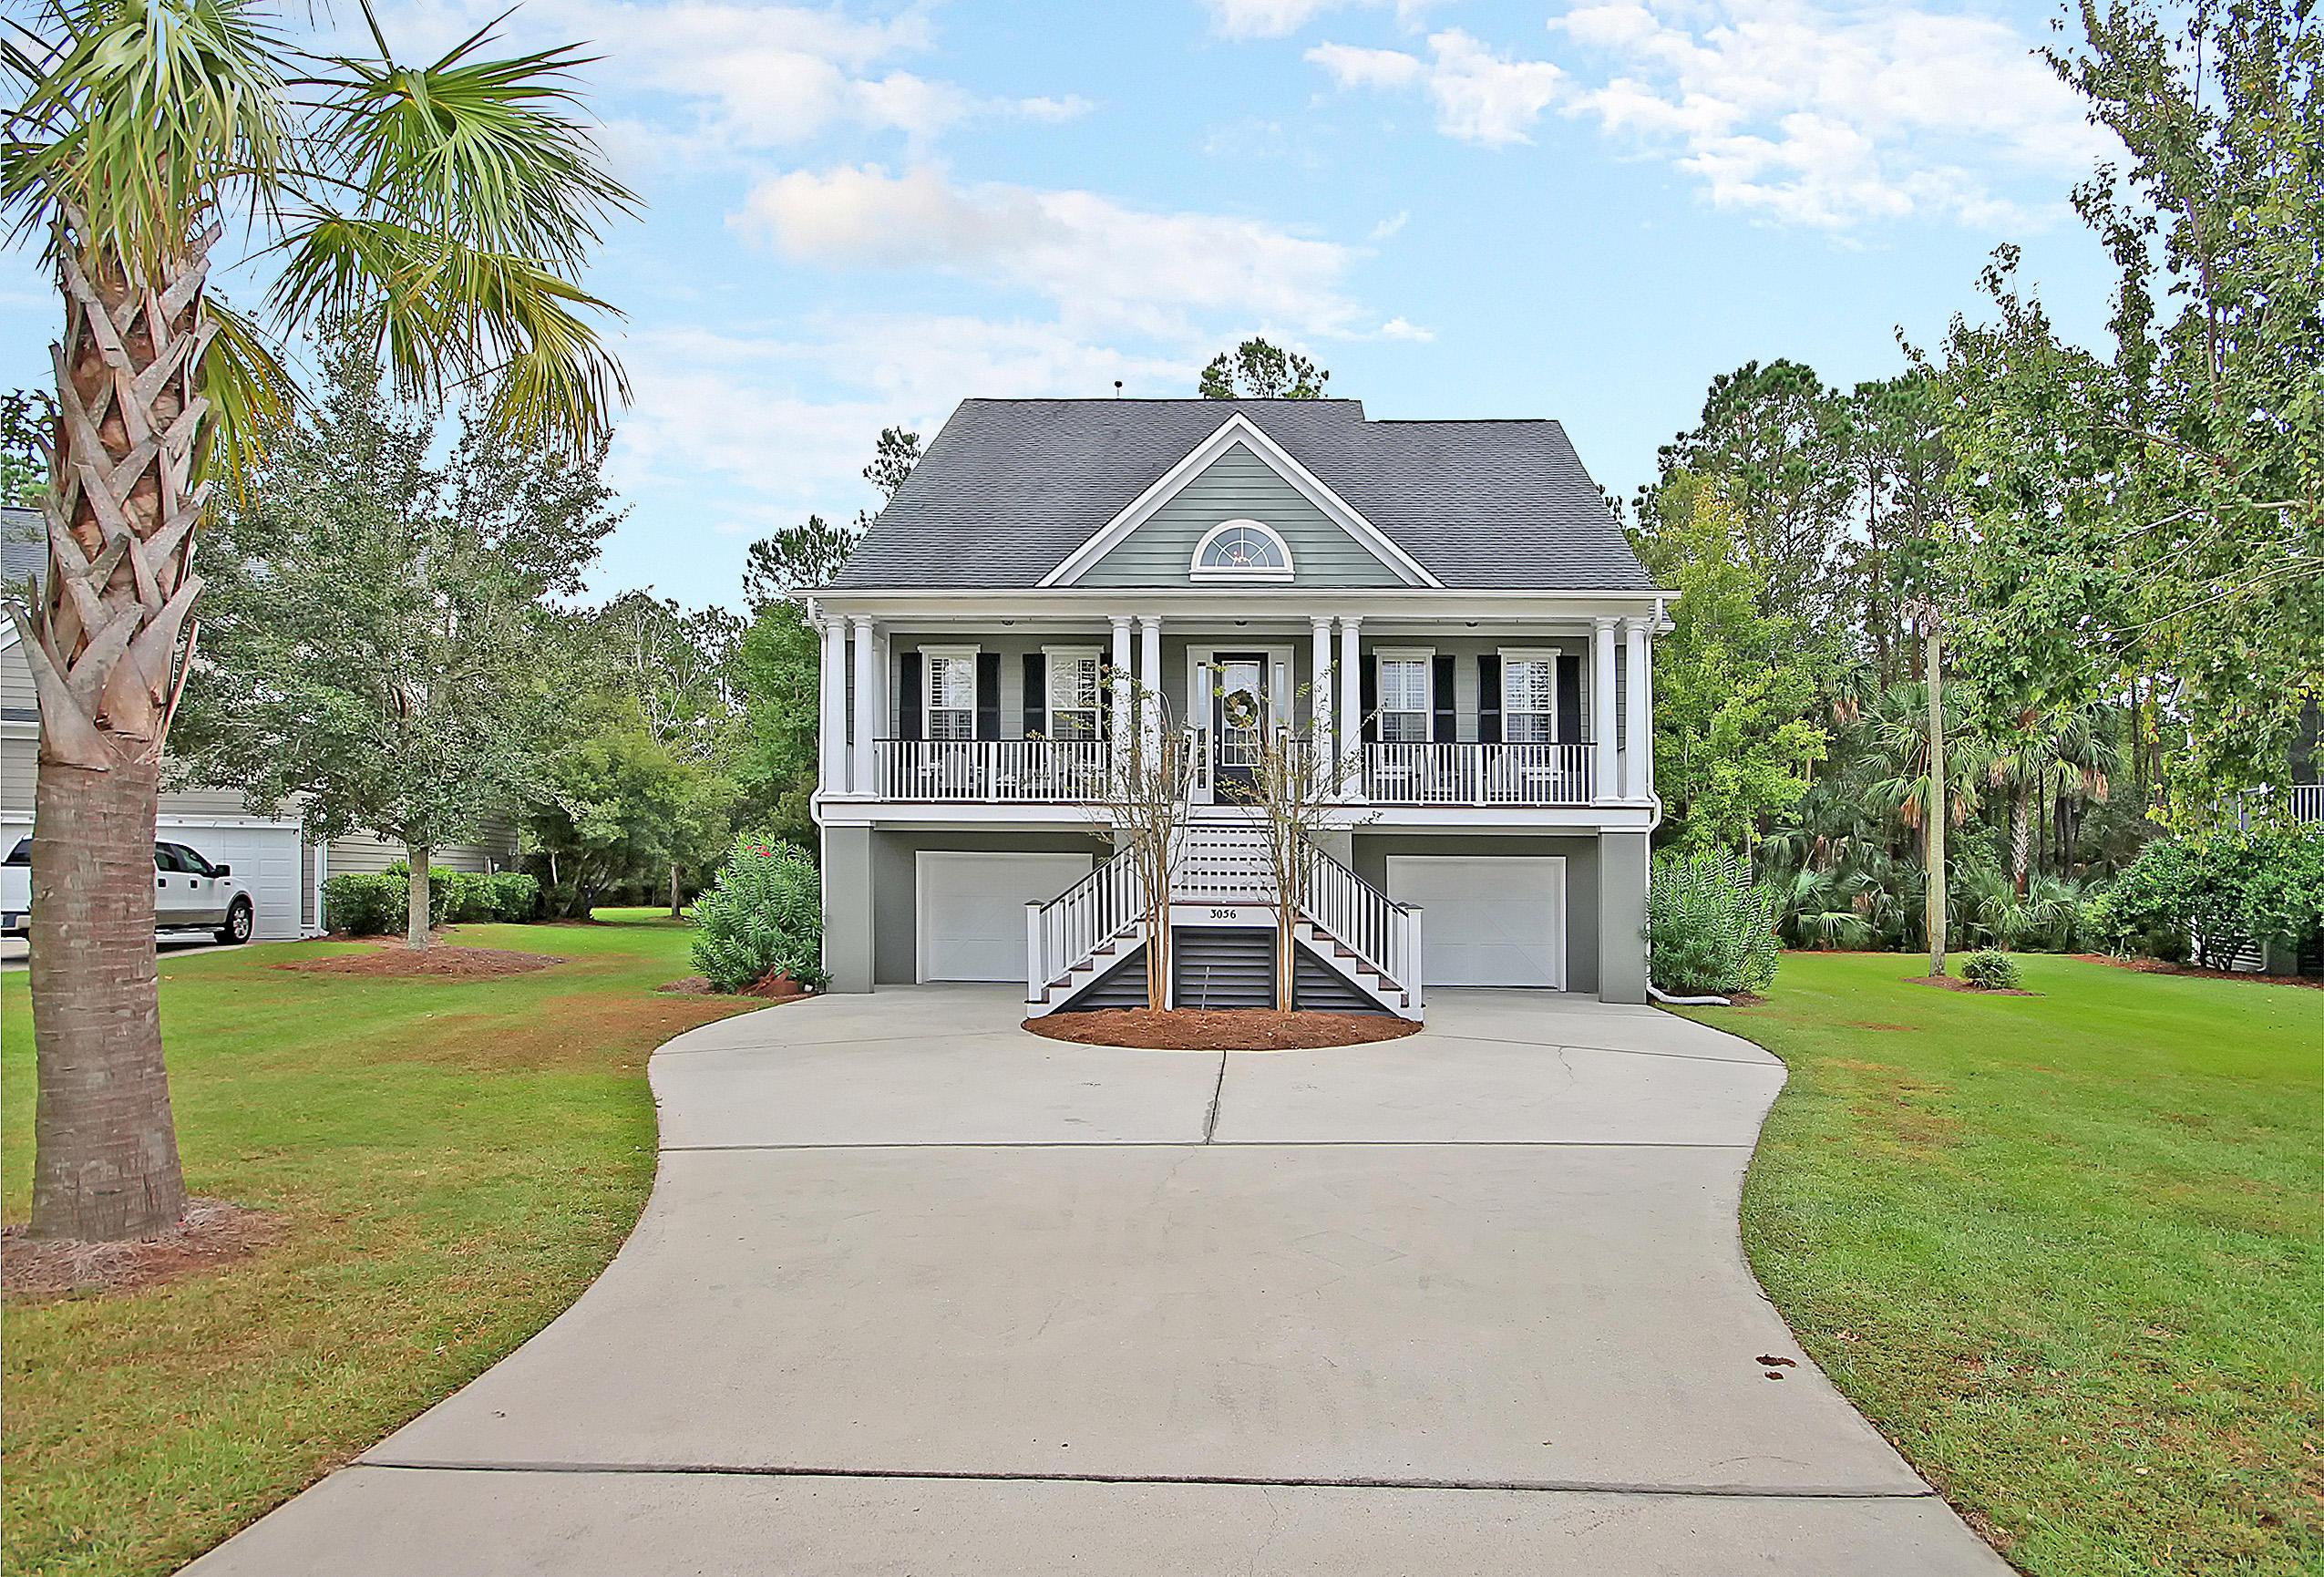 Dunes West Homes For Sale - 3056 Riverwood, Mount Pleasant, SC - 1